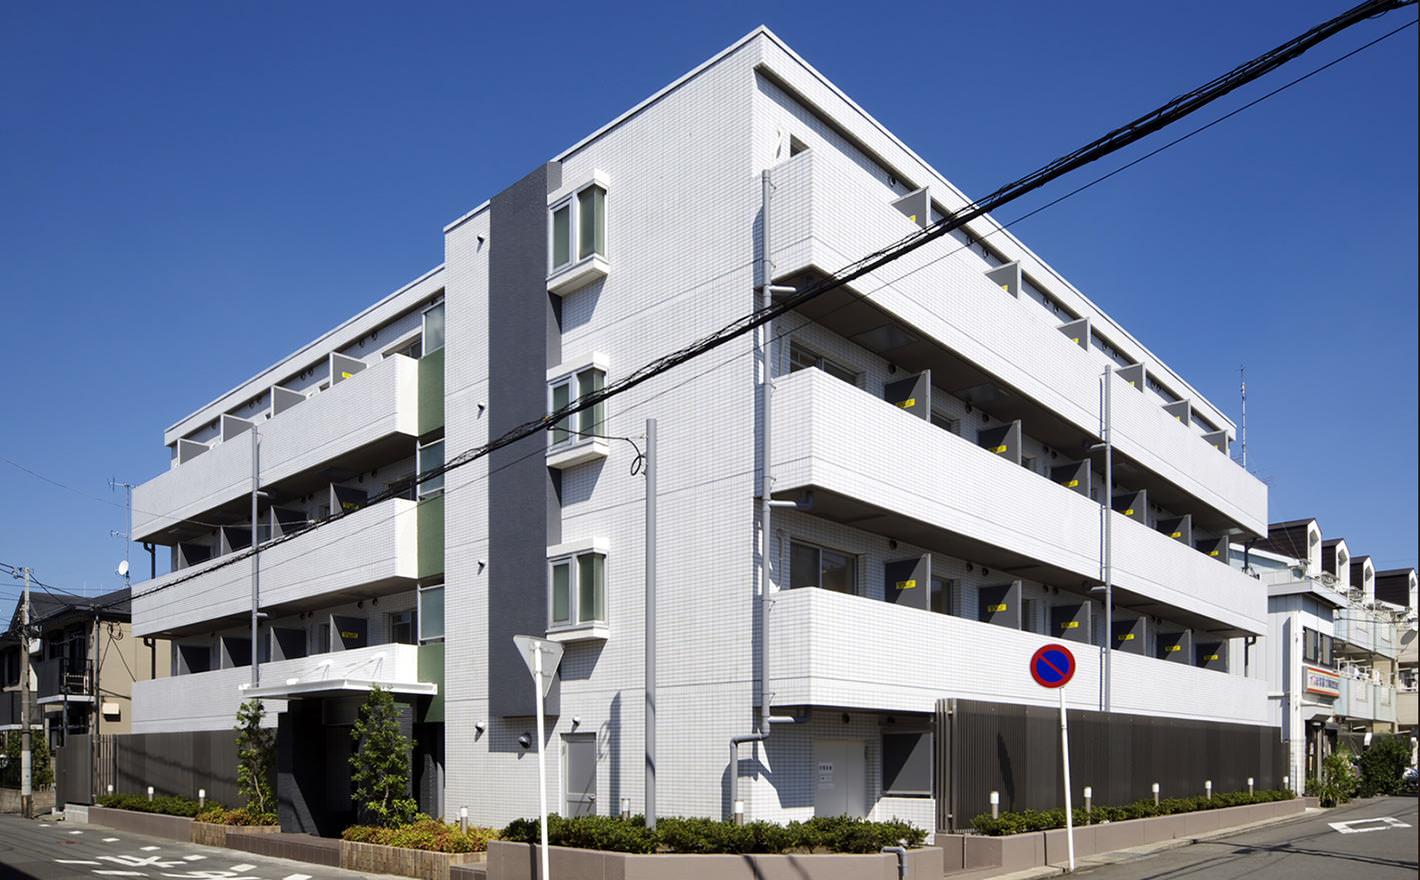 マンション・ビル大規模改修